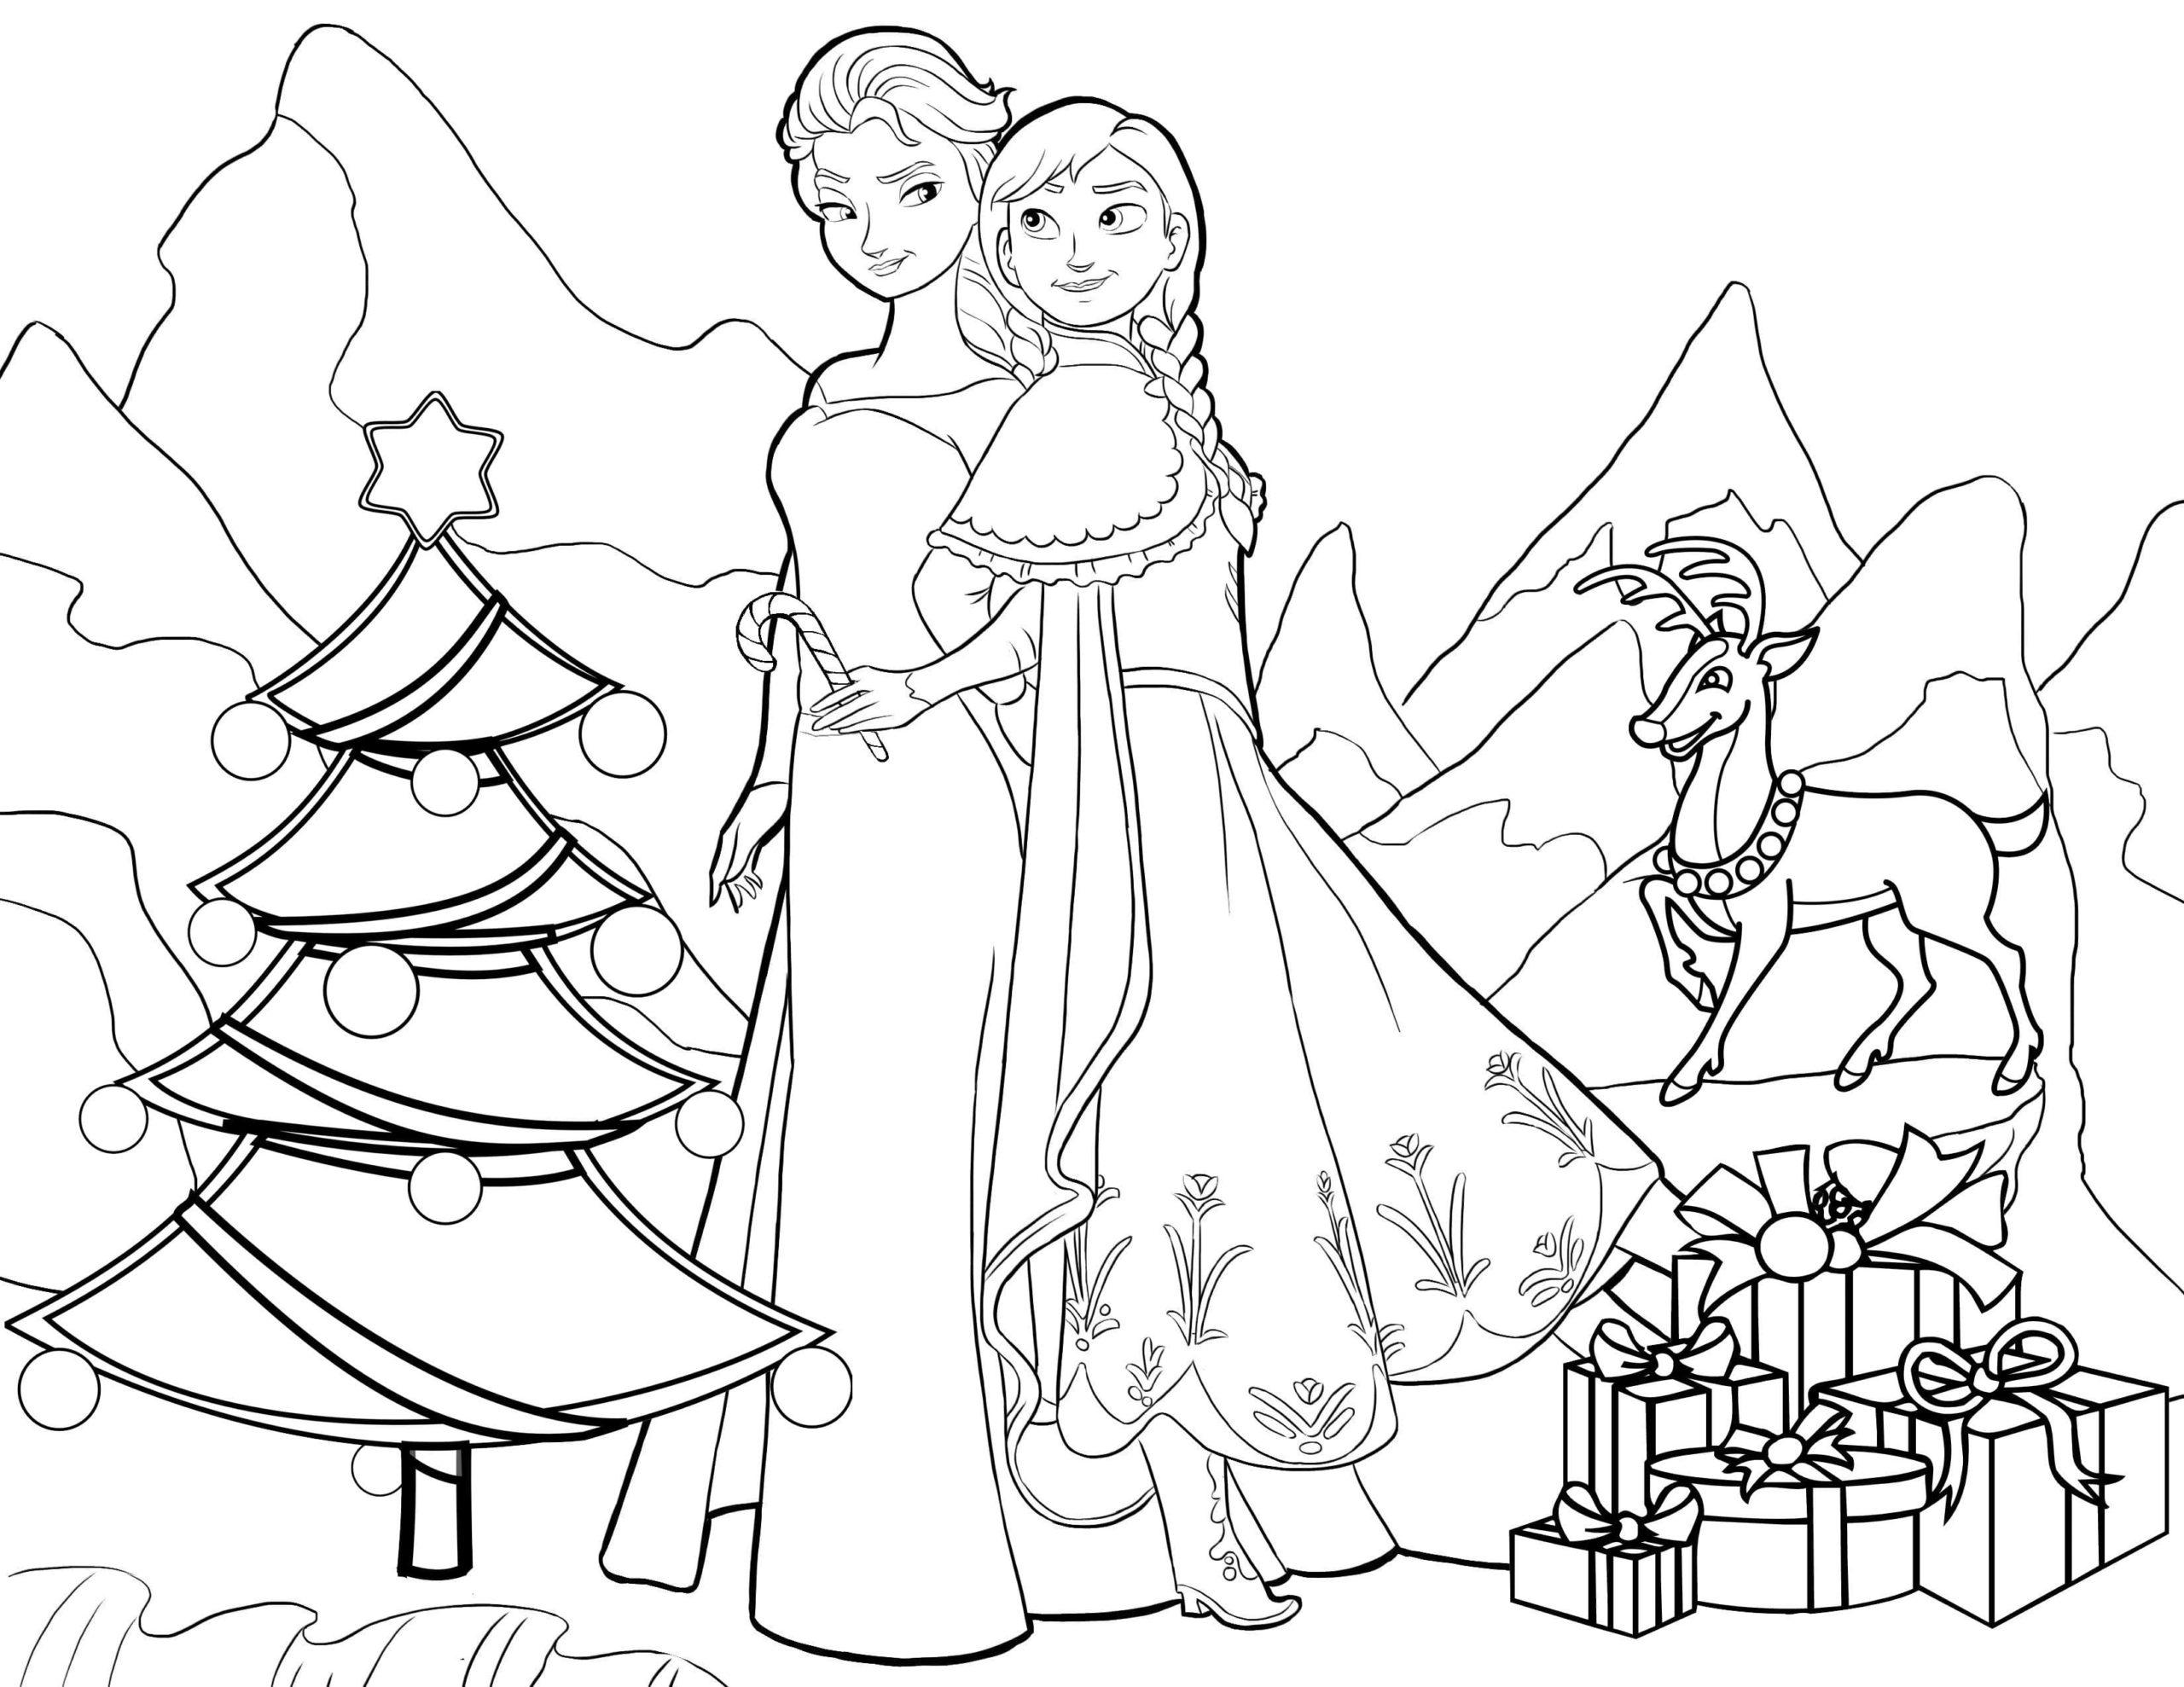 anna und elsa ausmalbilder weihnachten  pin auf